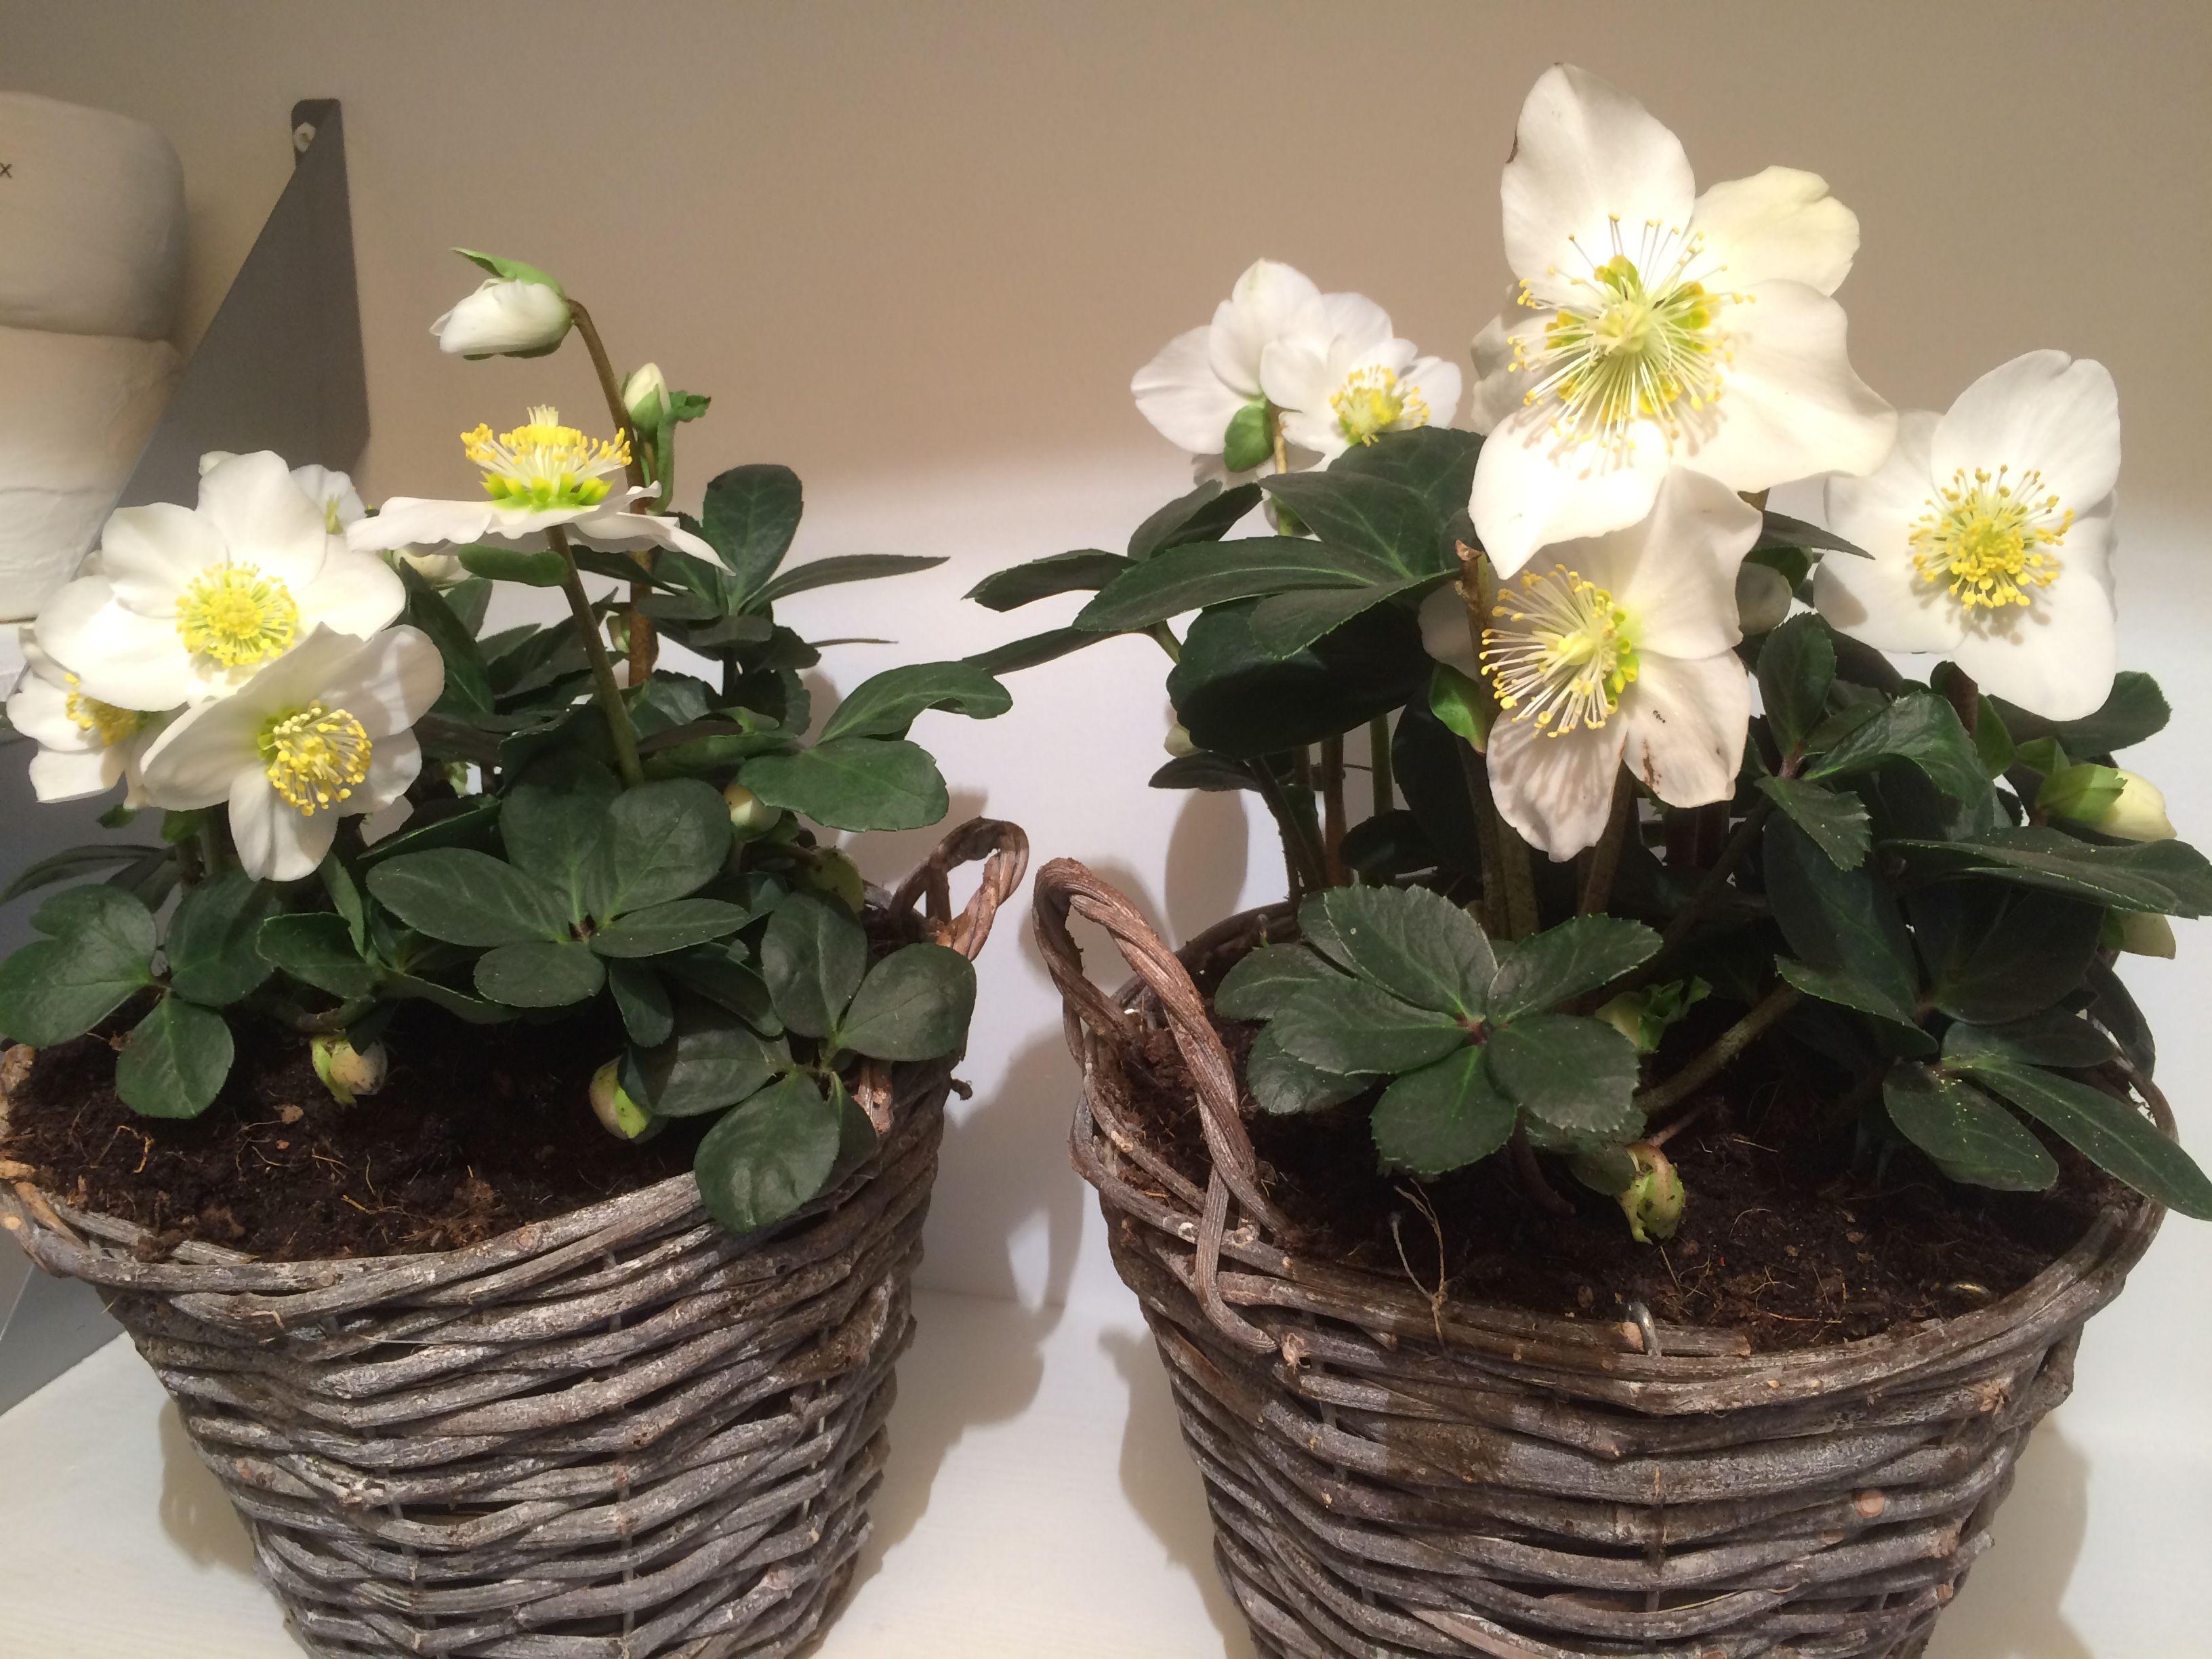 Arbre Fruitier En Pot Interieur plantes en pot d'intérieur : tentez l'originalité avec | pot